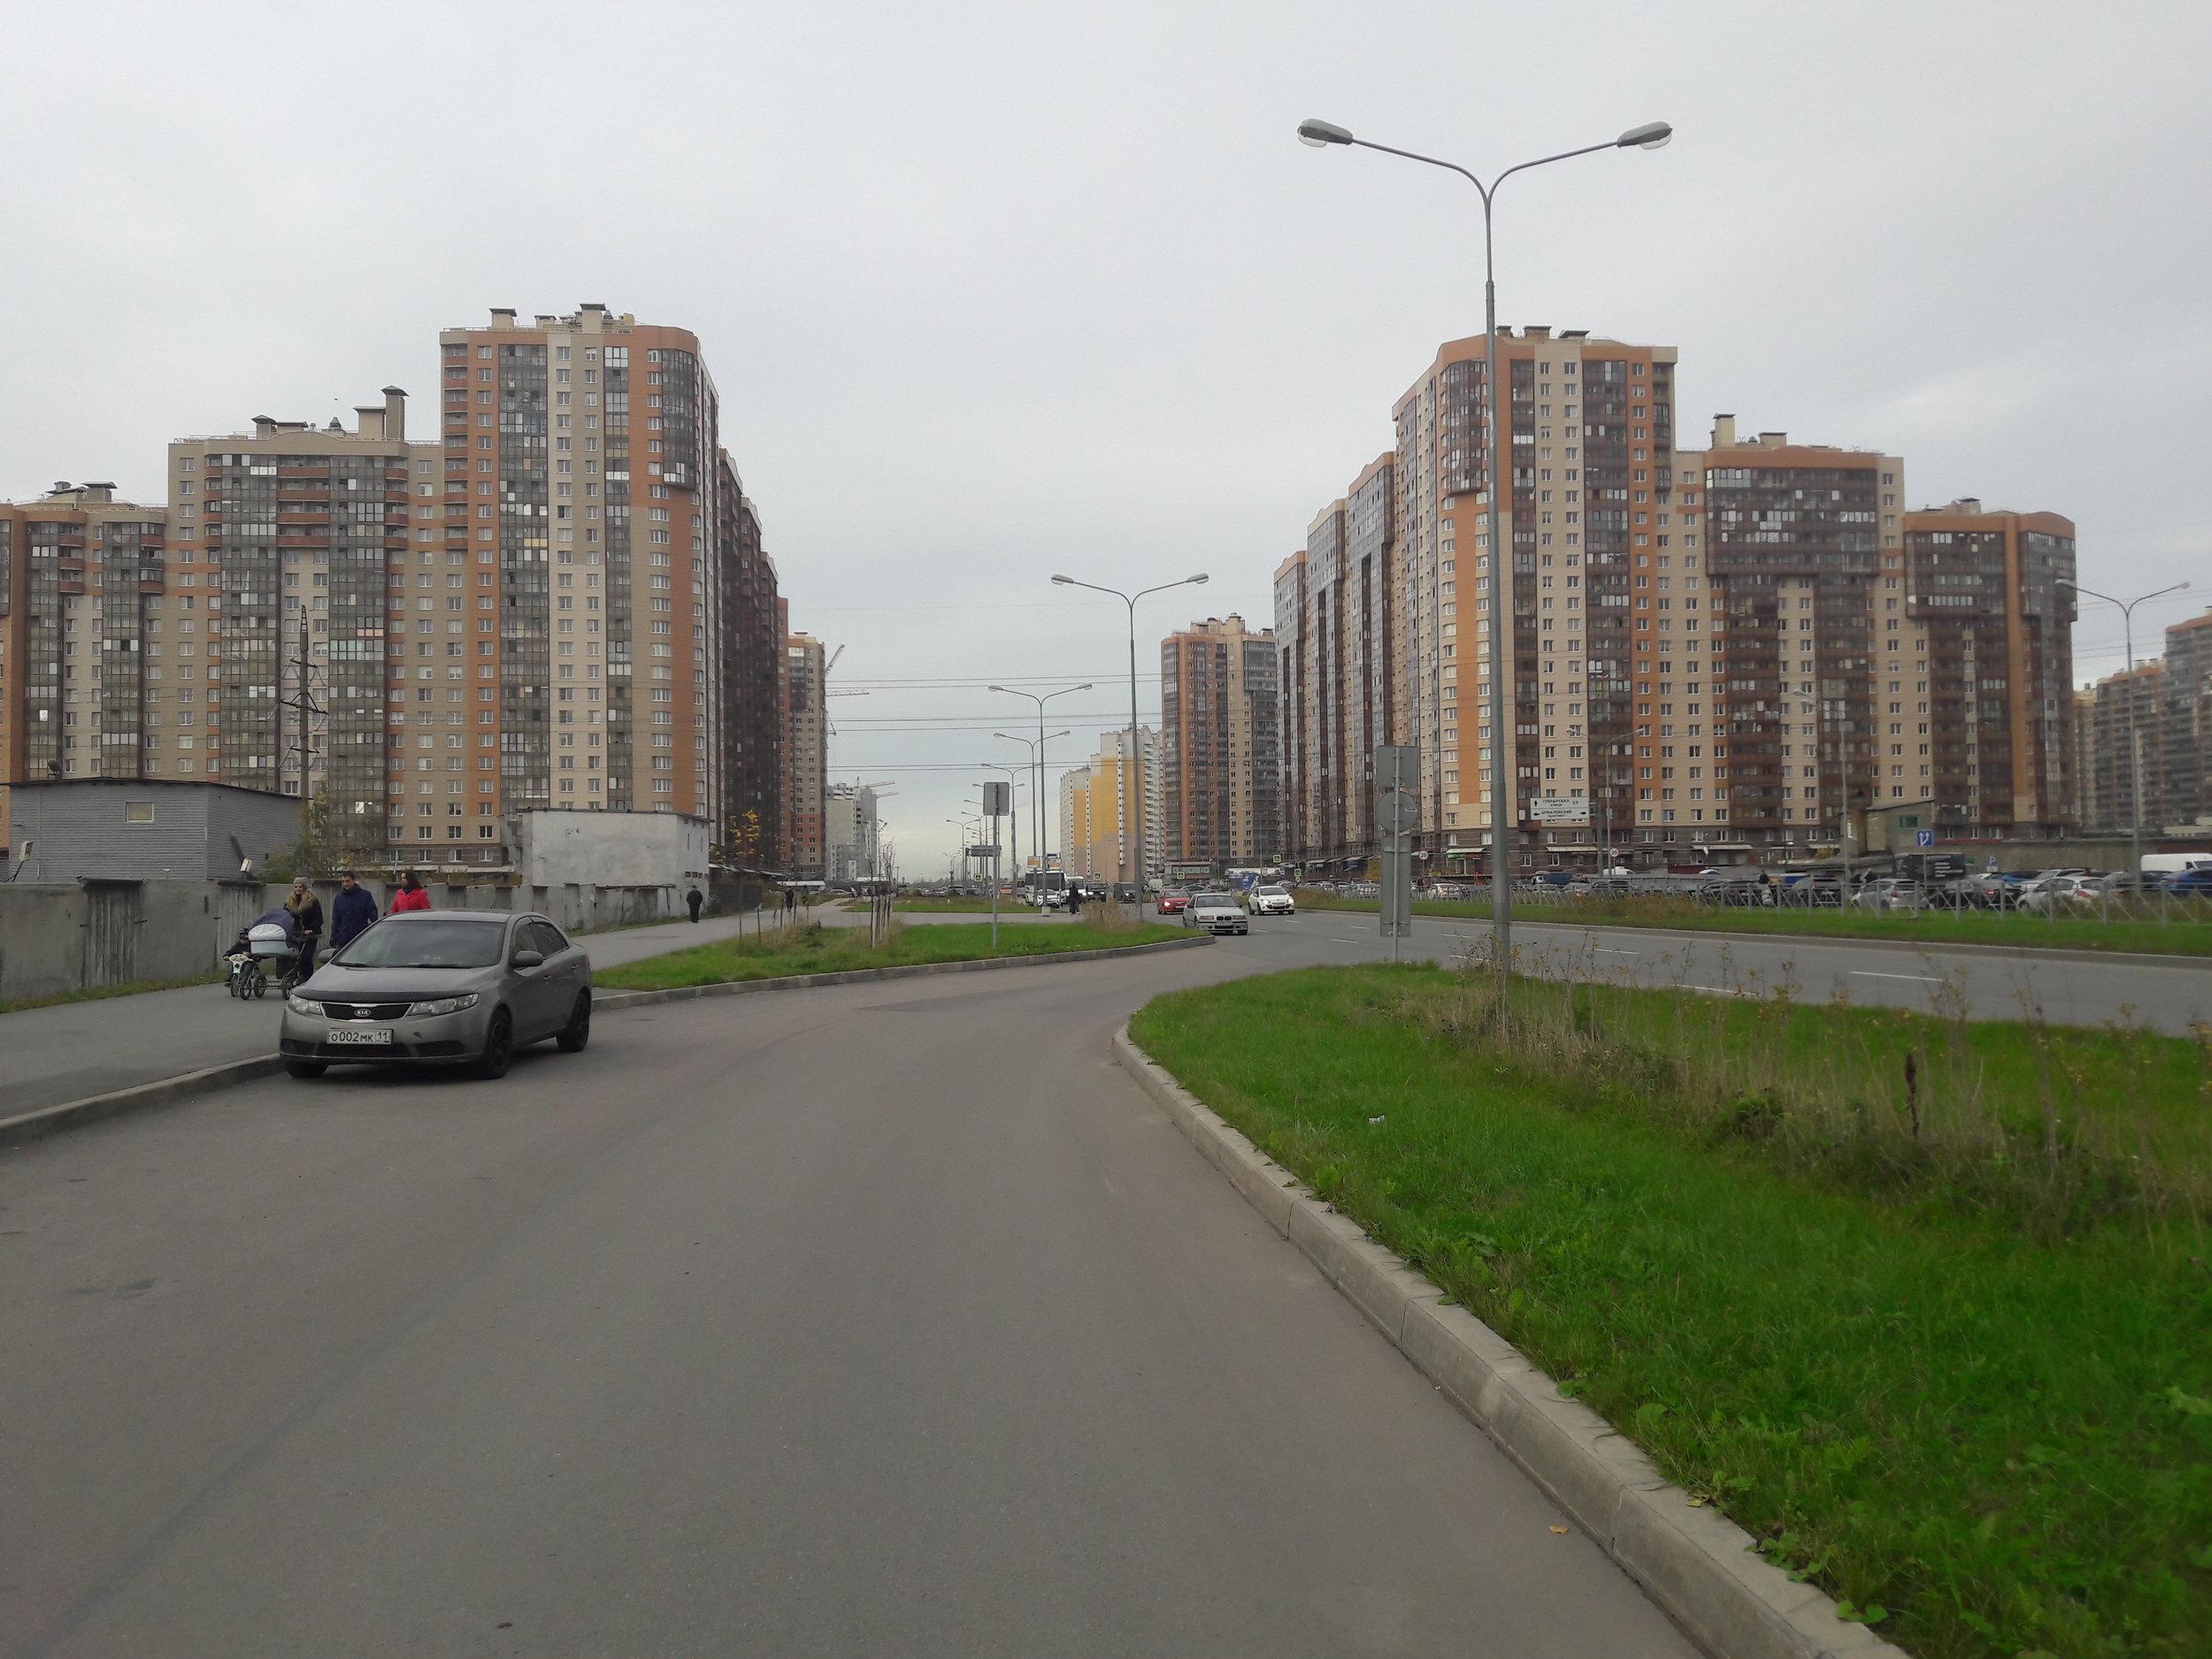 Parašutnaja ulica směrem na sever. Téměř na konci zástavby se trolejbusy otáčejí.